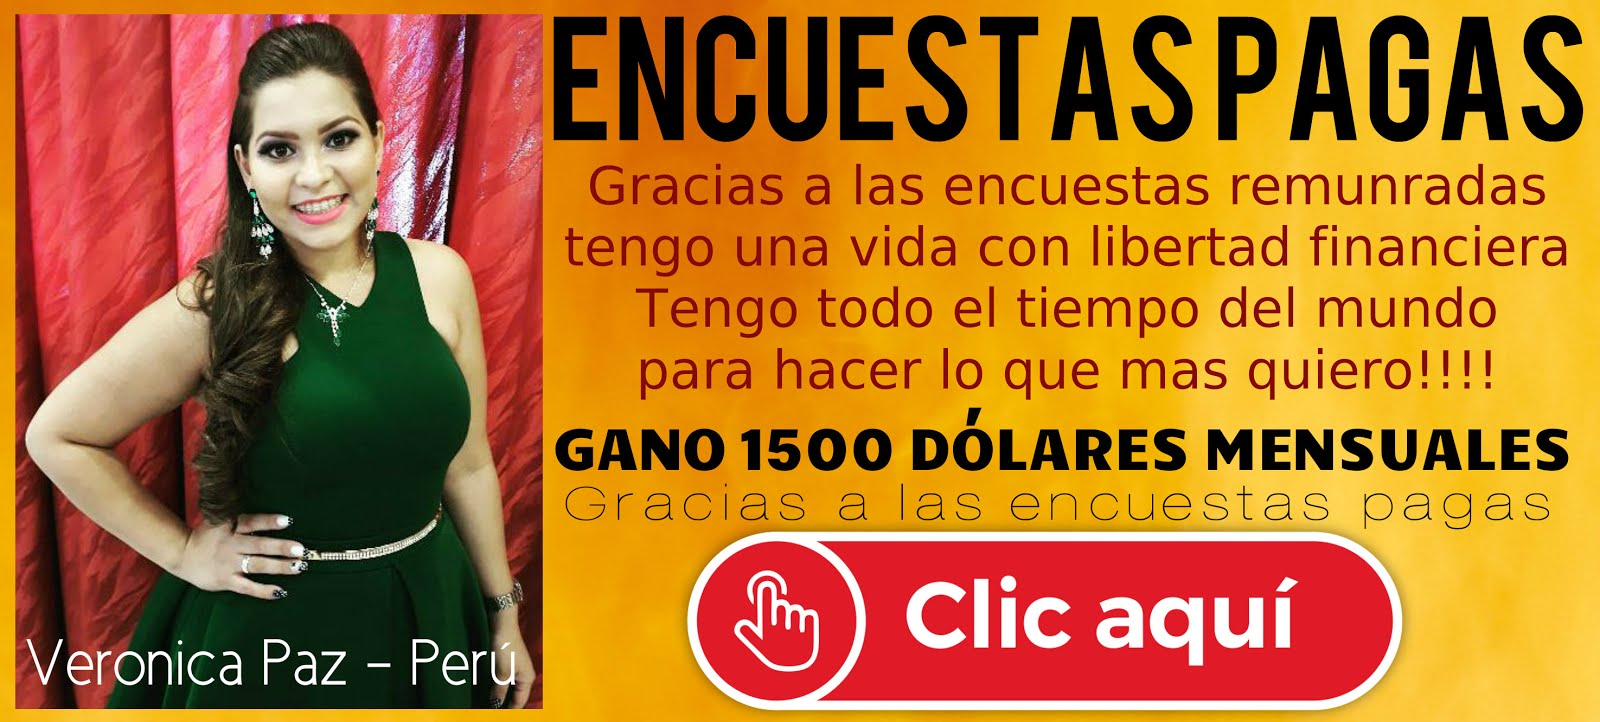 Testimonio de Veronica P. - Perú